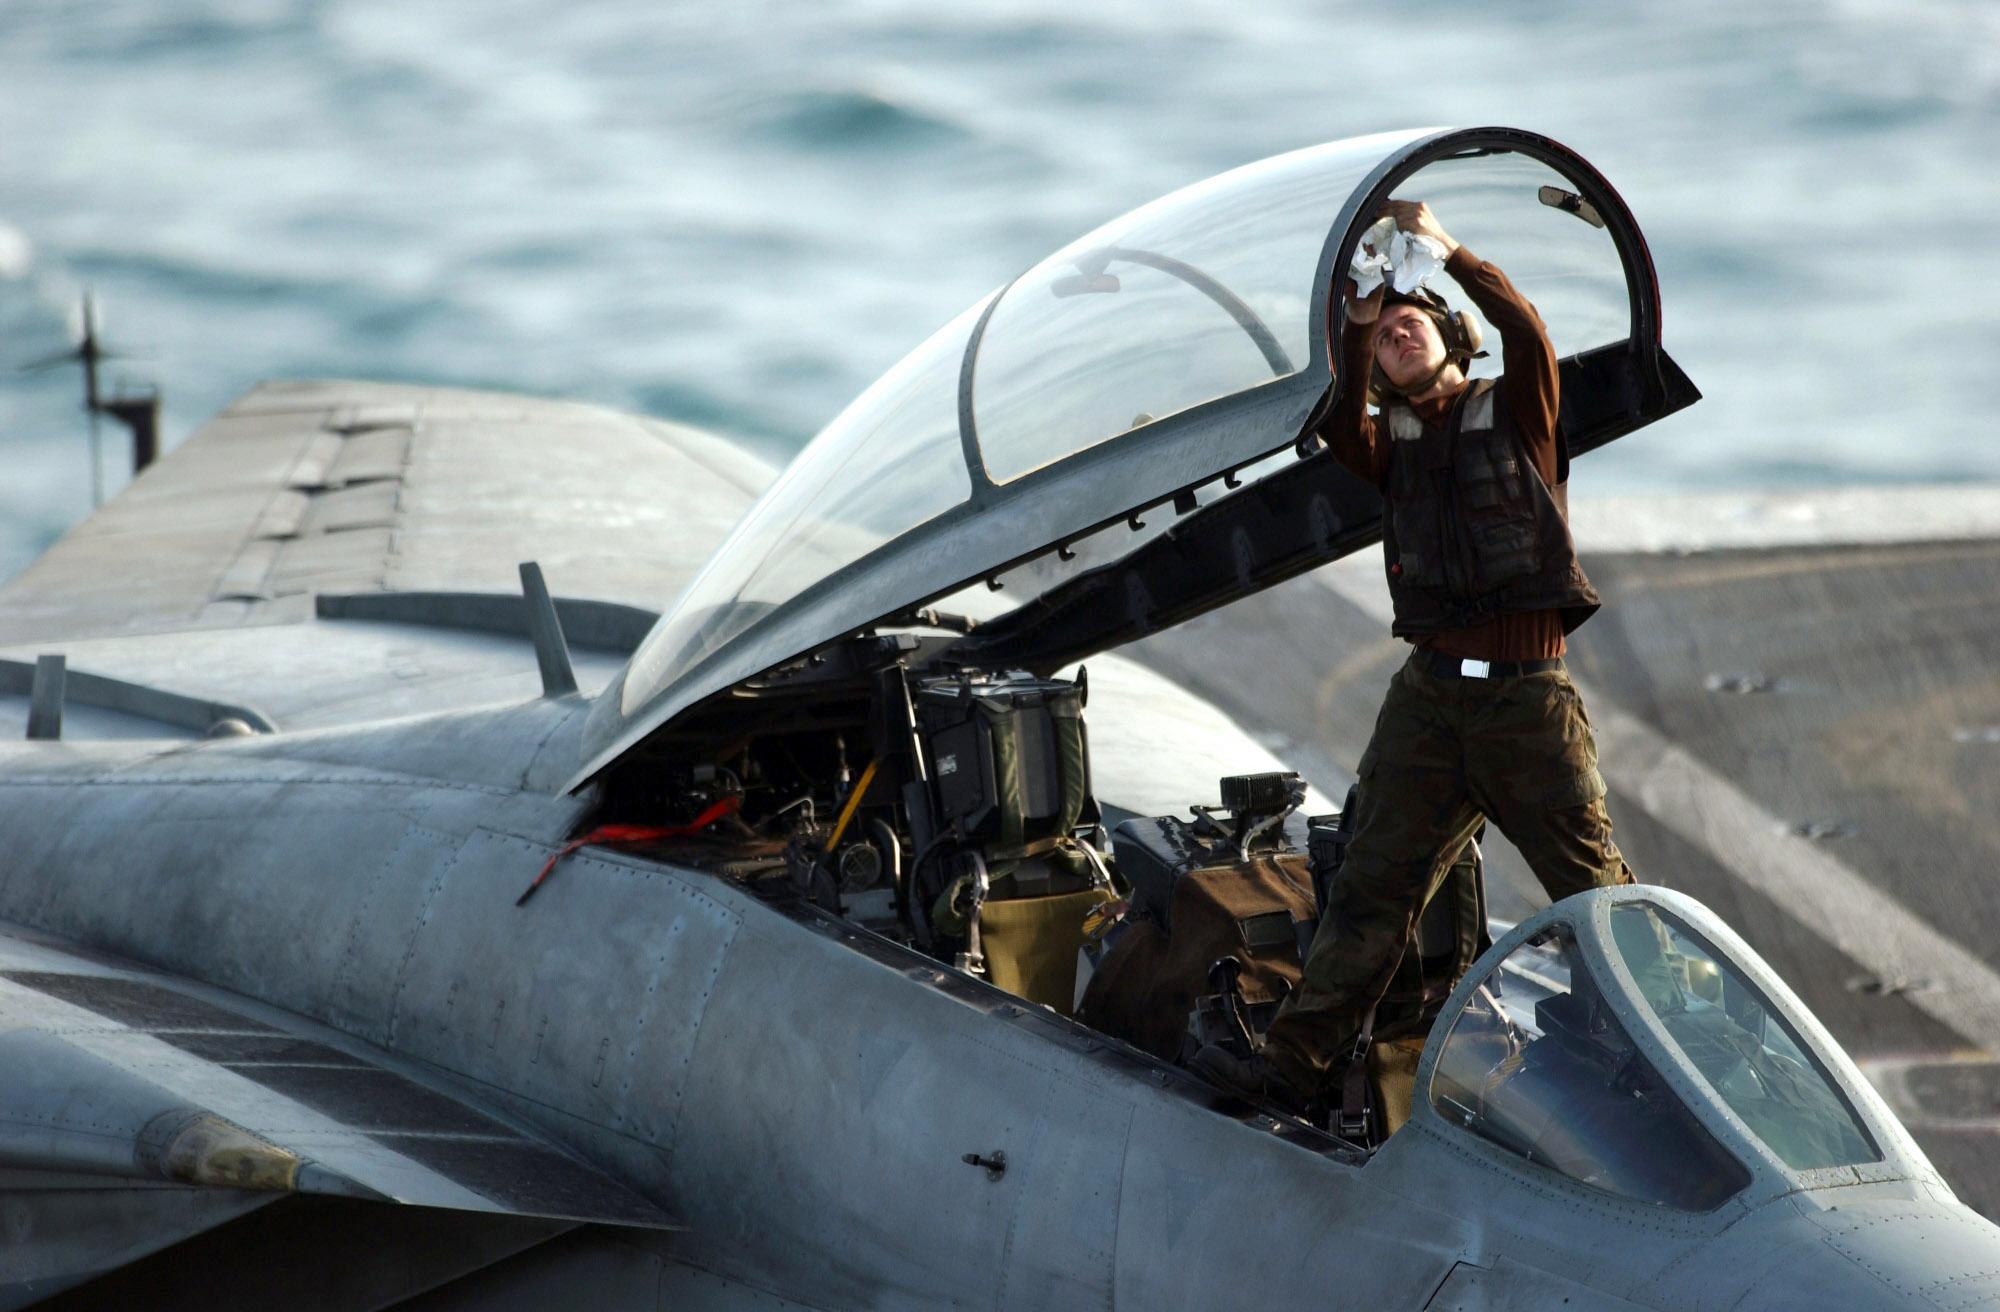 FileUS Navy 060202-N-7241L-001 A plane captain cleans the & File:US Navy 060202-N-7241L-001 A plane captain cleans the canopy ...